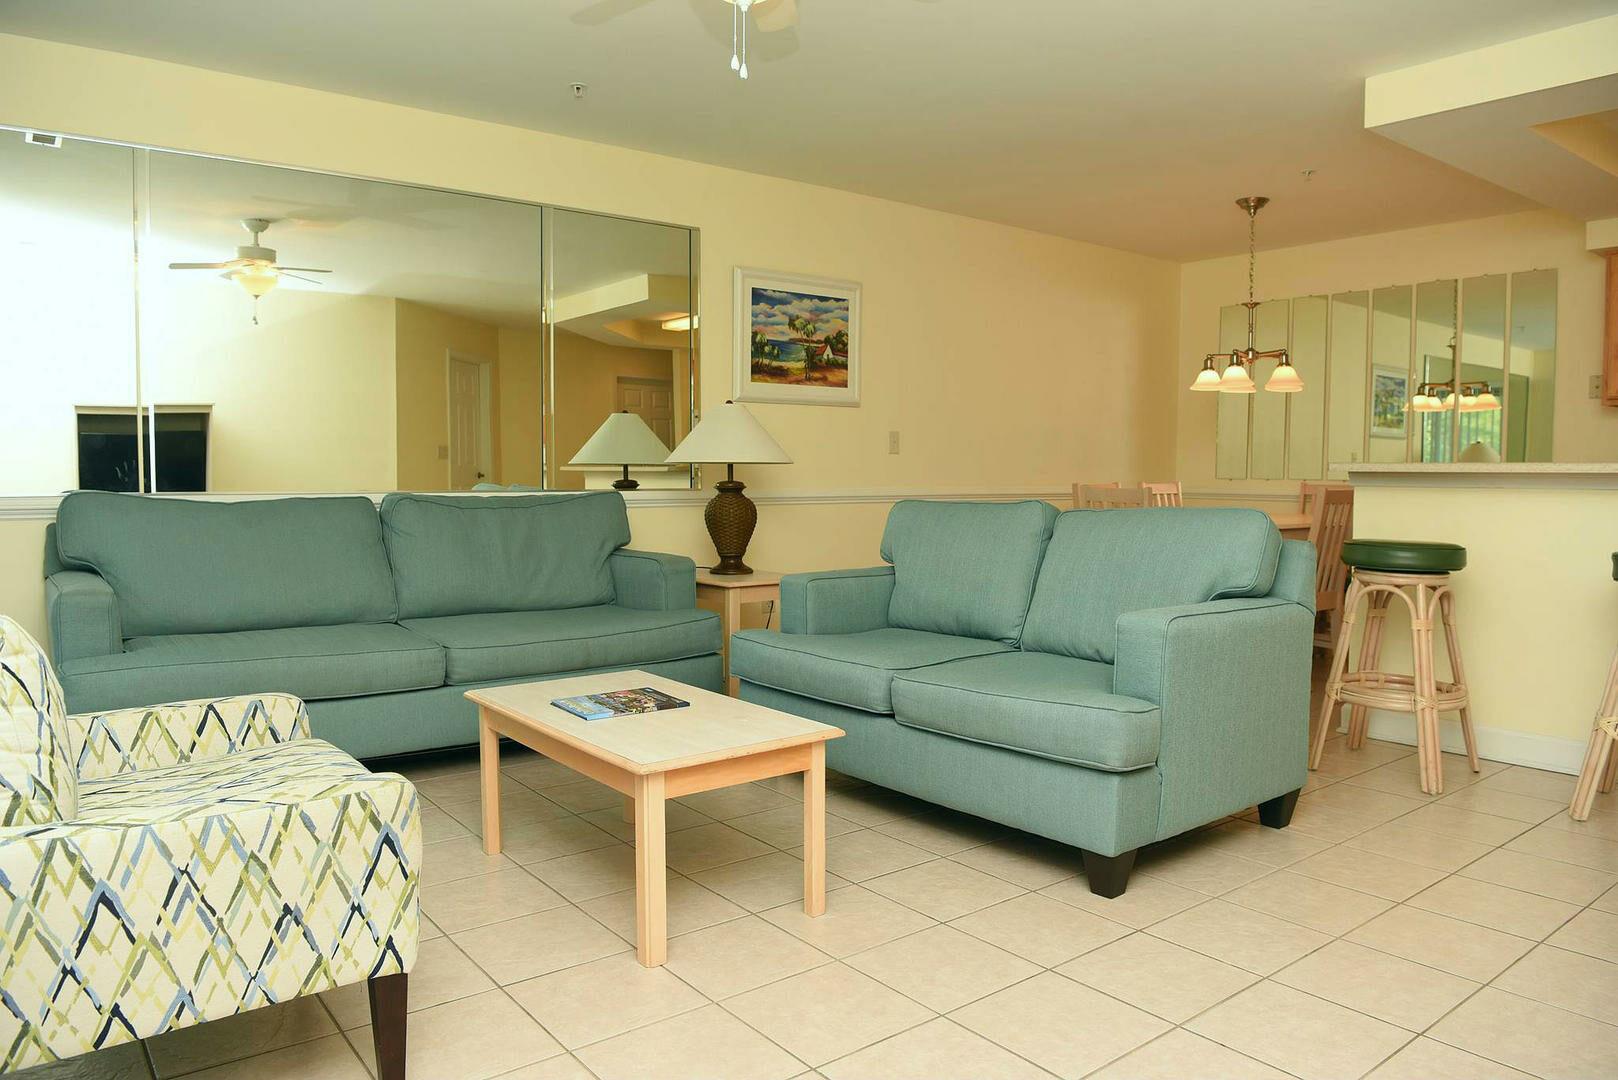 3005 2 Bedroom/2 Bath Villa